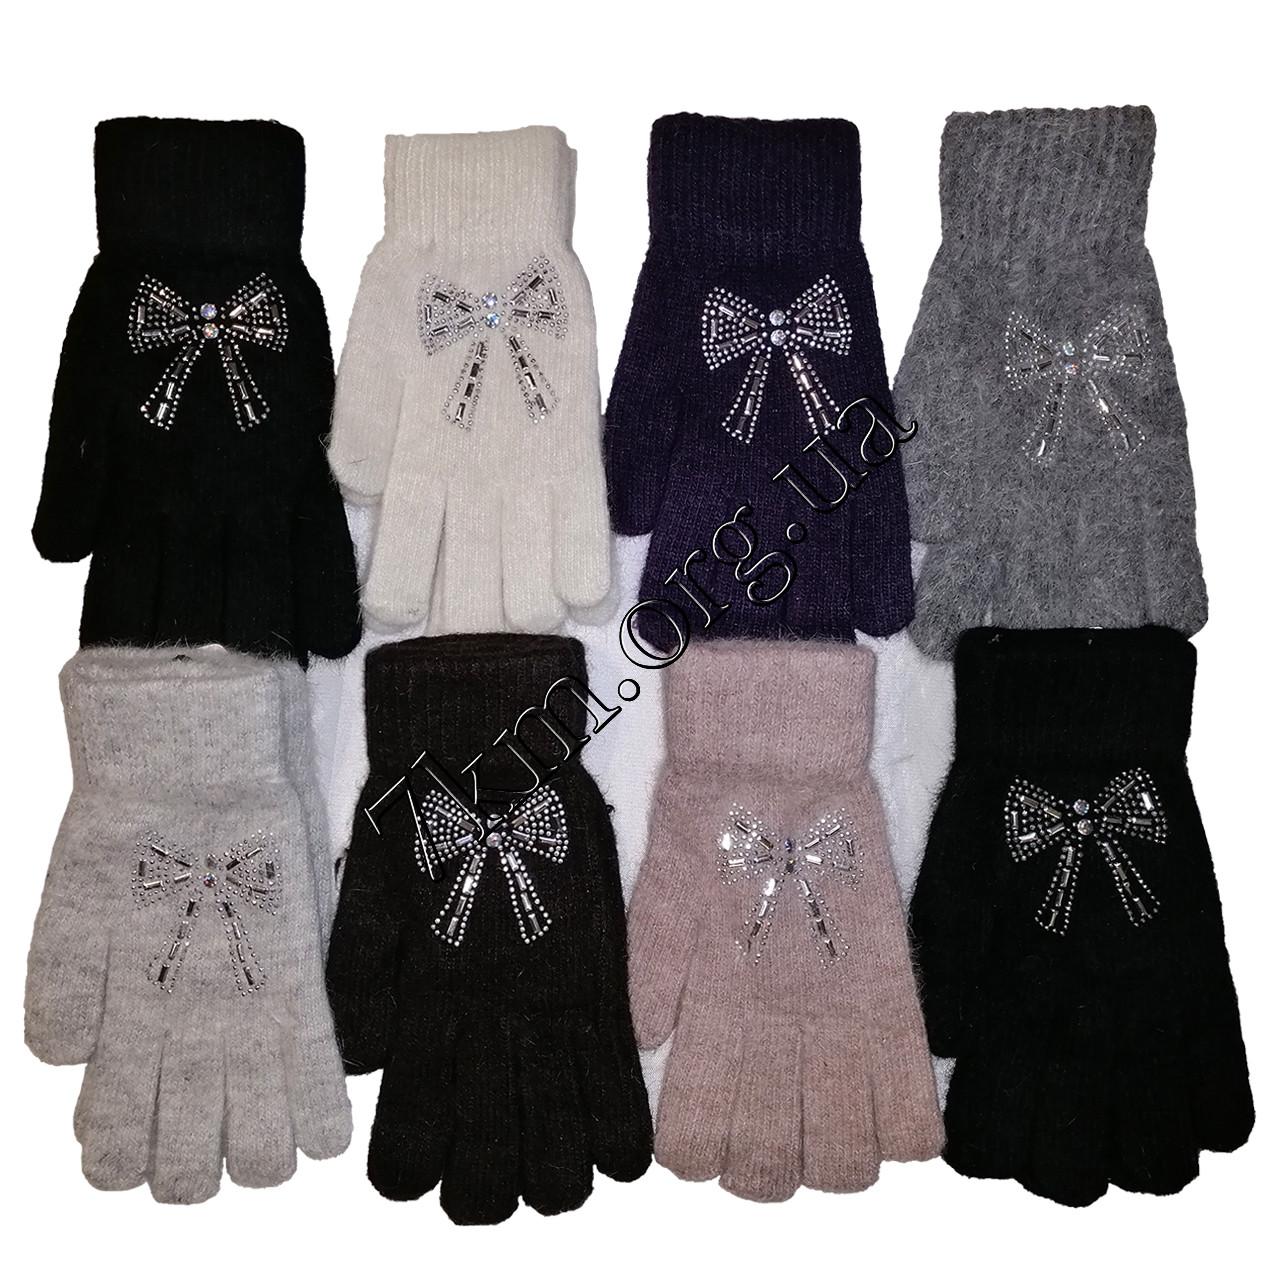 Перчатки молодежные одинарные шерсть +ангора от 16 лет Китай Оптом G7269